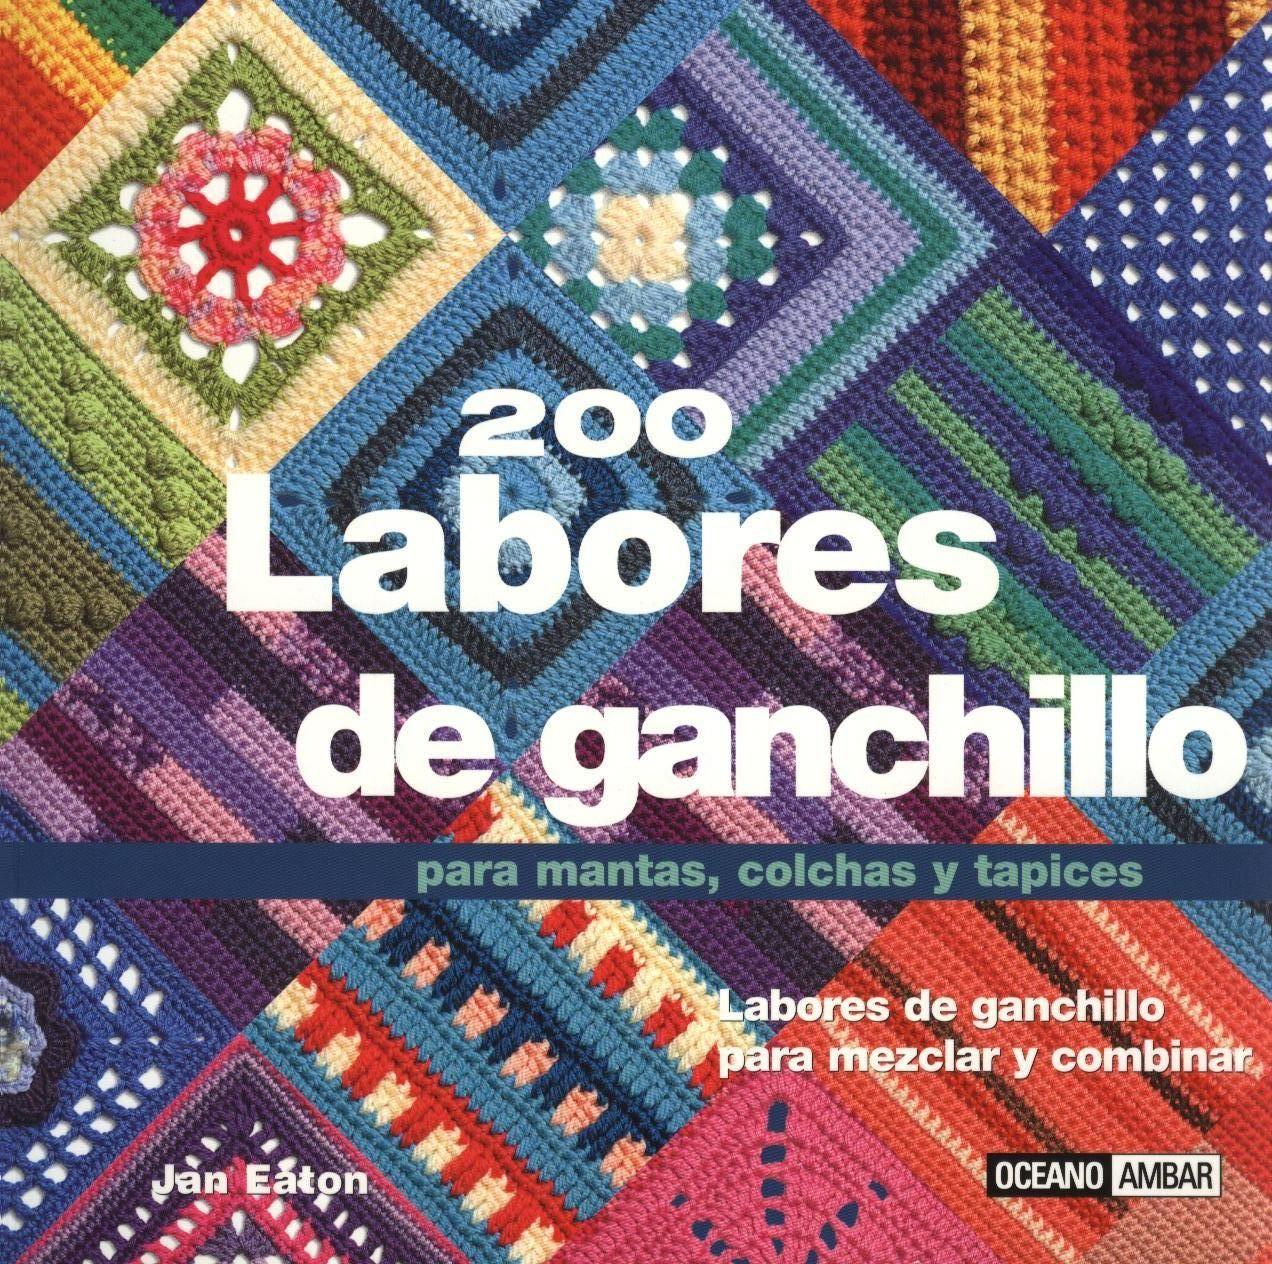 Lana y ganchillo: 200 labores de ganchillo para mantas, colchas y ...